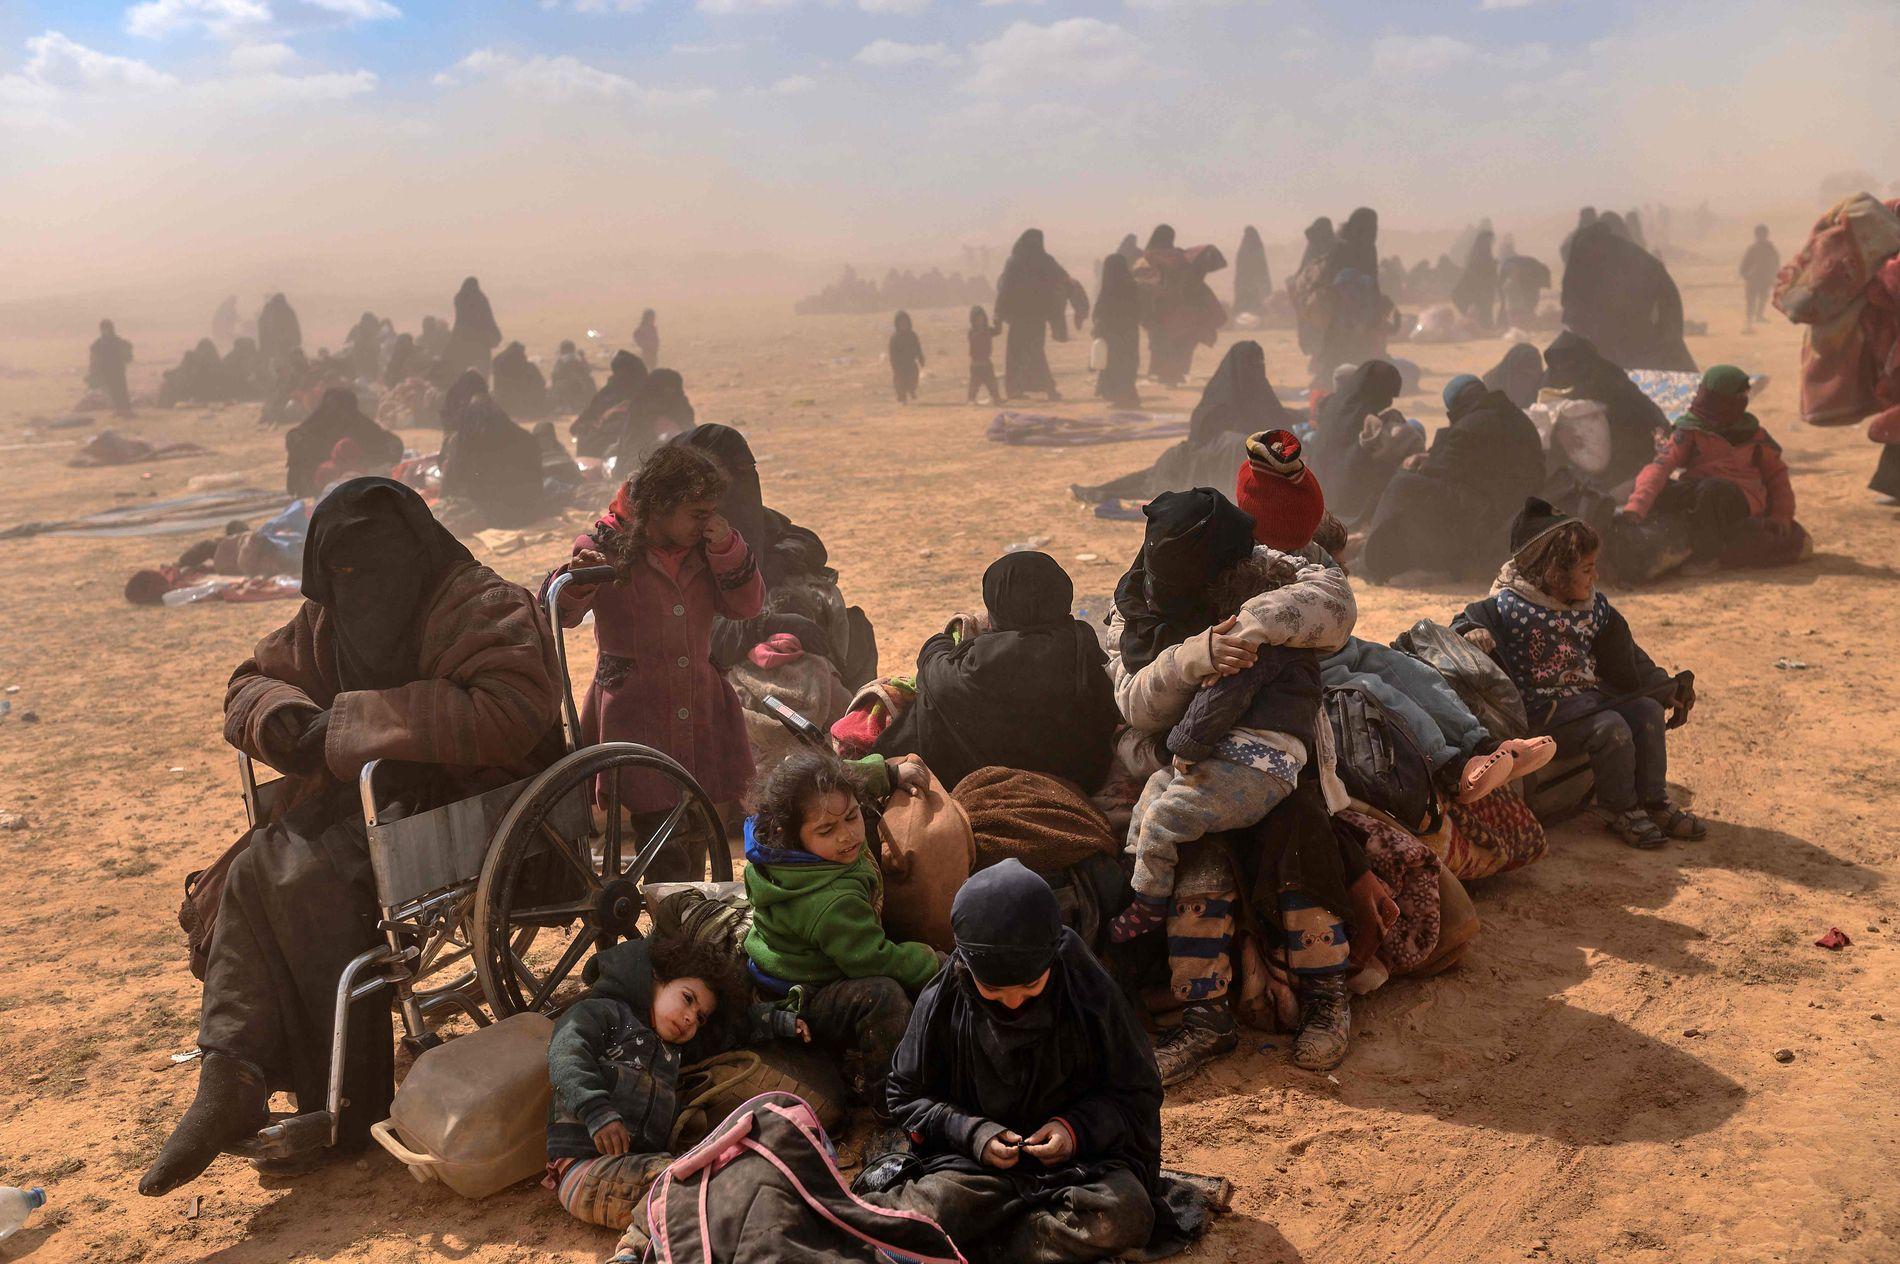 IS-KVINNER EVAKUERT: Etter det siste slaget mot IS i Syria, kom flere titalls tusen IS-kvinner og deres barn ut av landbyen Baghouz, sørøst i Syria. Nå er de i interneringsleiren al-Hol.